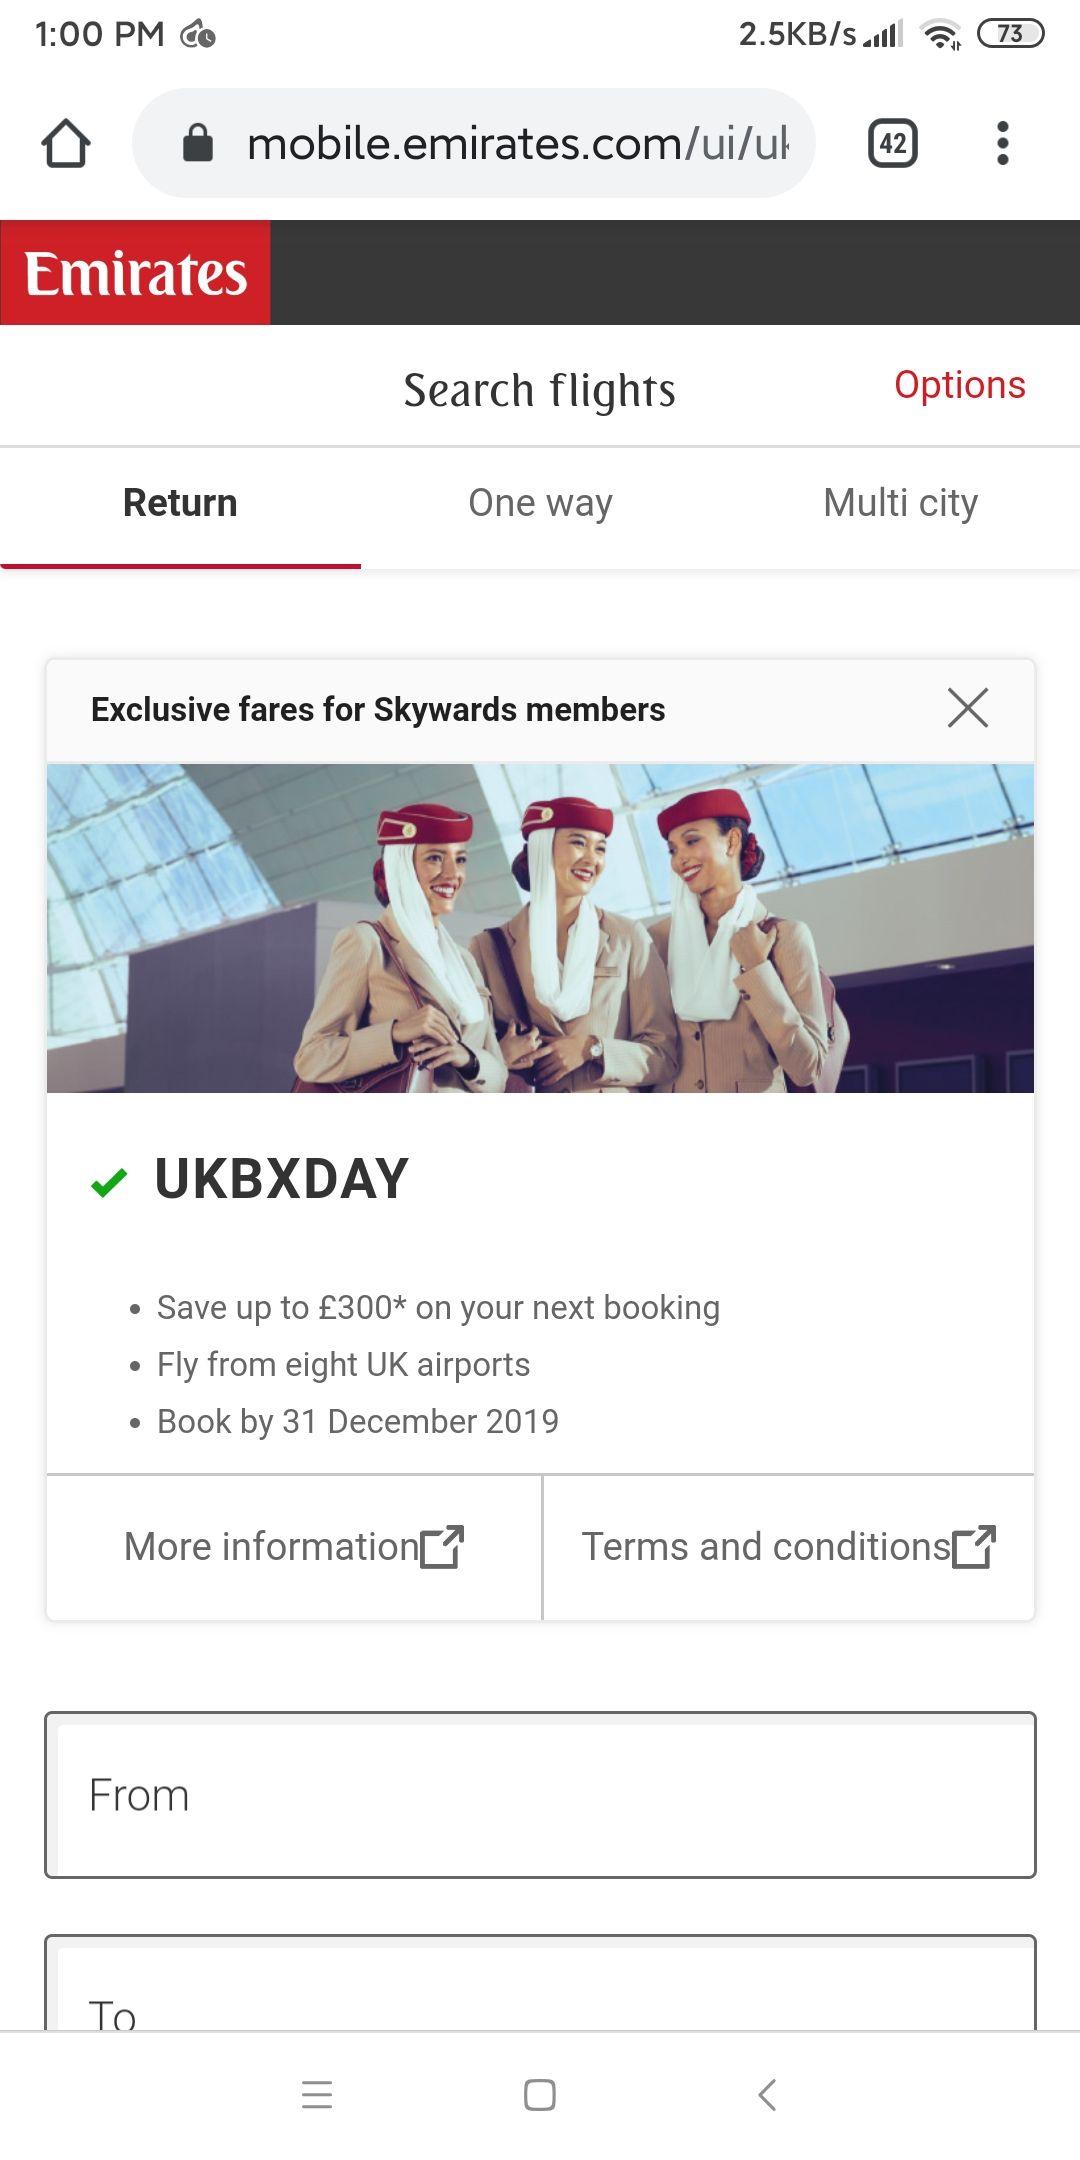 Voucher off Emirates flights